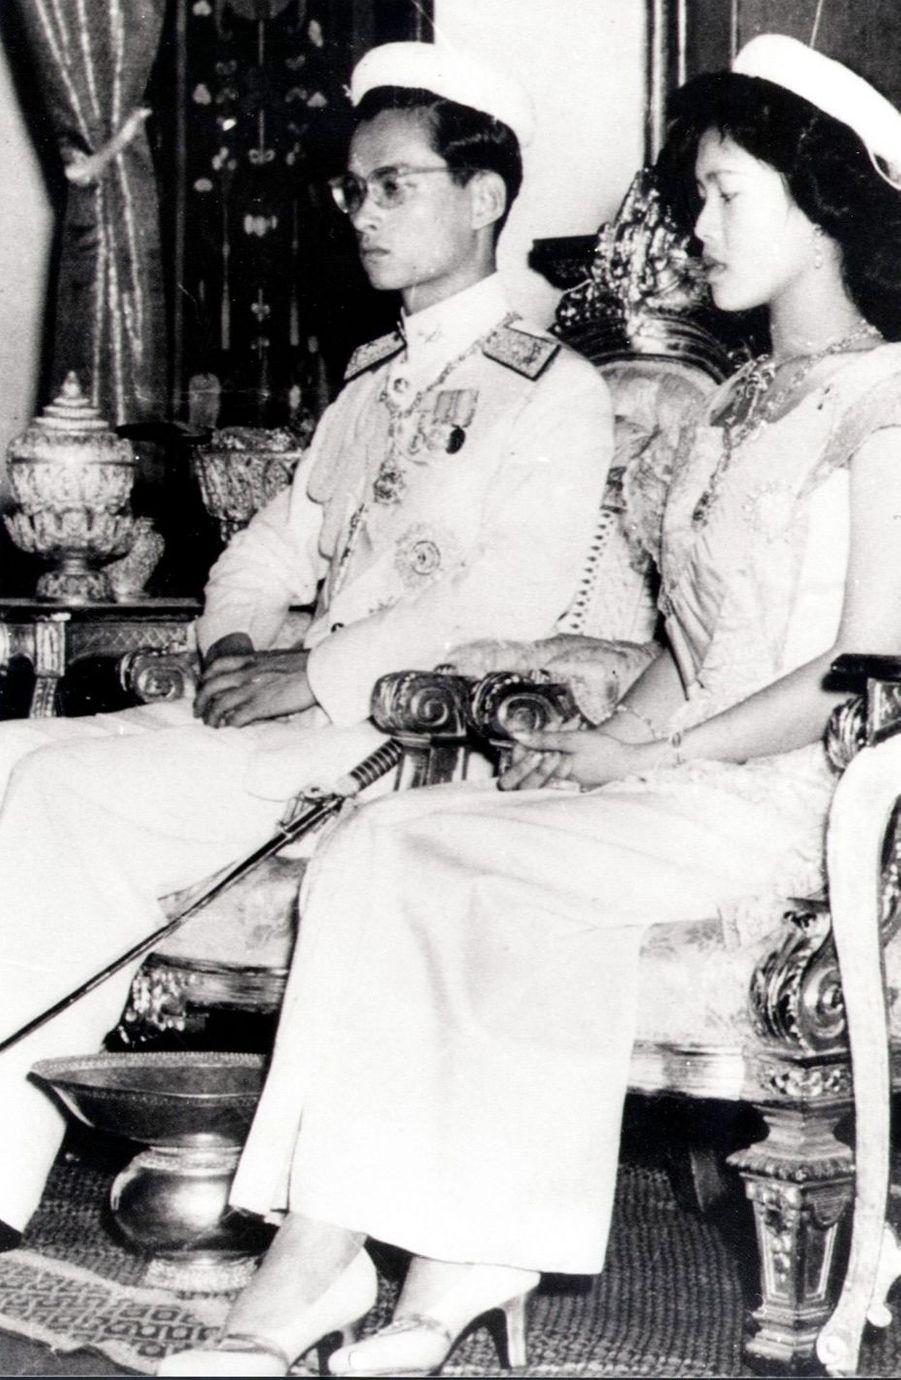 Le roi Bhumibol de Thaïlande avec son épouse la reine Sirikit, lors de la cérémonie de son couronnement, le 5 mai 1950